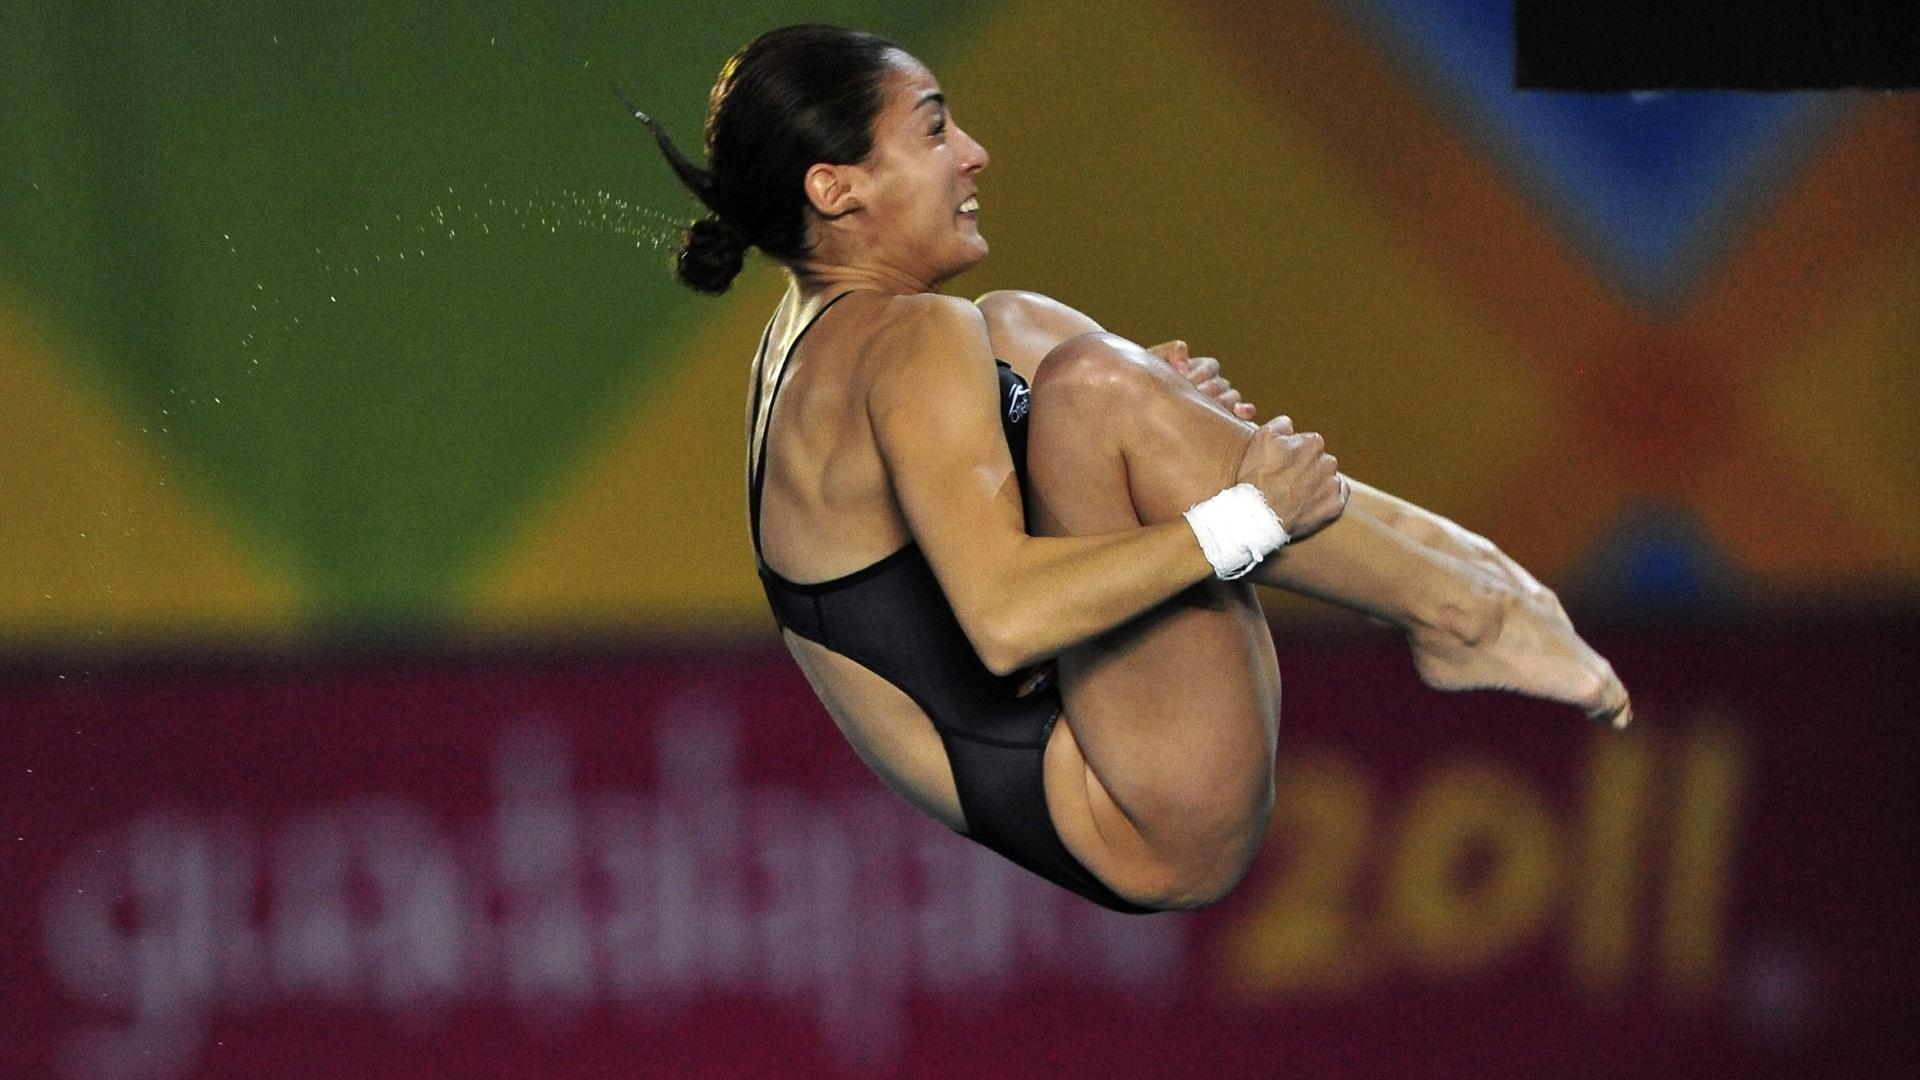 Paola Espinoza disputa plataforma de 10 m dos Jogos Pan-Americanos de Guadalajara